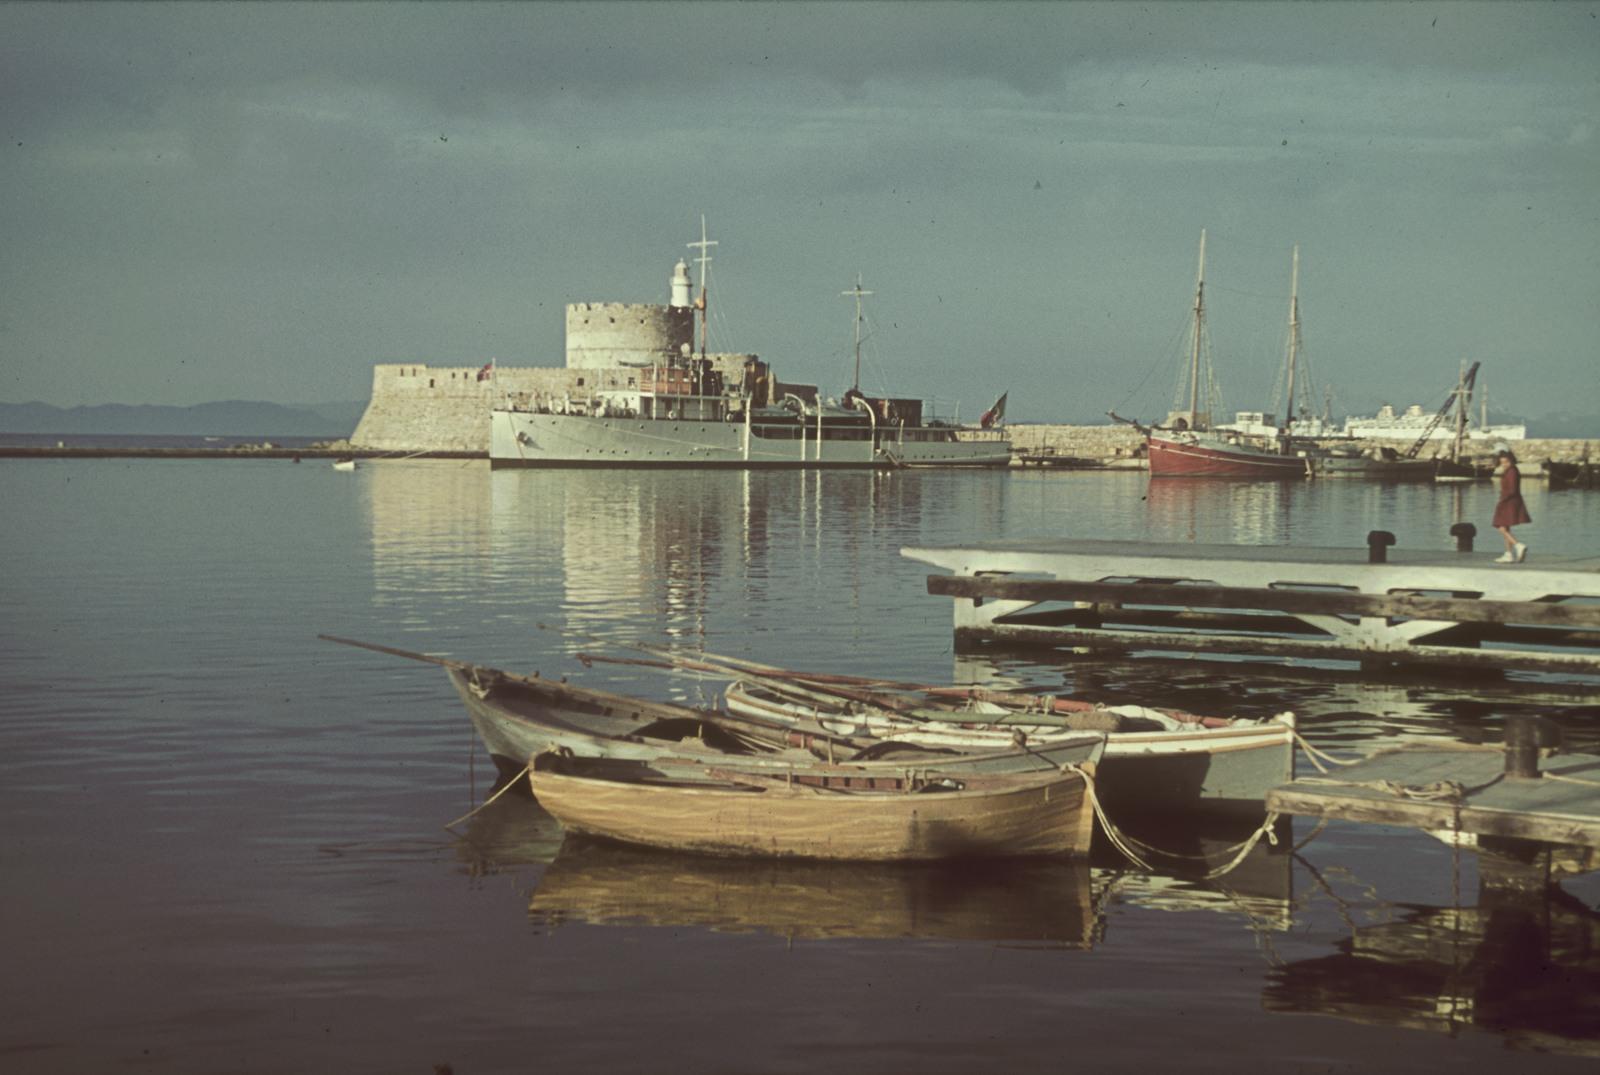 Родос. Портовое сооружение с крепостью. На переднем плане, причалы с лодками